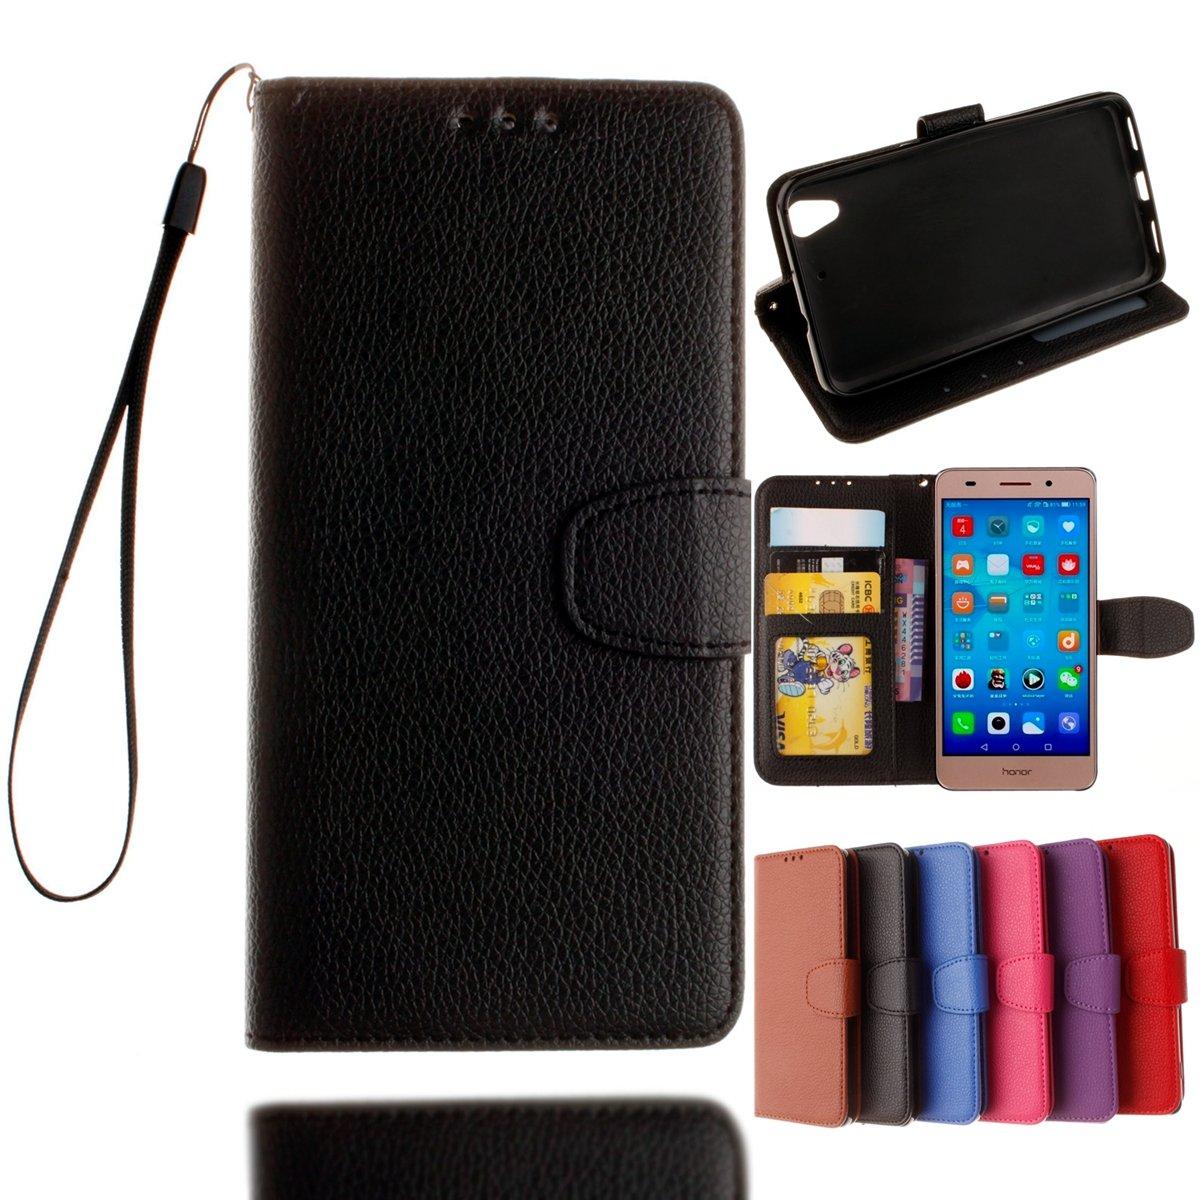 Huawei Honor 5A / Y6II Y6 2 Custodia, adorehouse Custodia Flip Pelle Cover Multi Funzione Wallet Case Flip di Supporto a Portafoglio Esterna Cover per Huawei Honor 5A / Huawei Y6II Y6 2 (Rete)